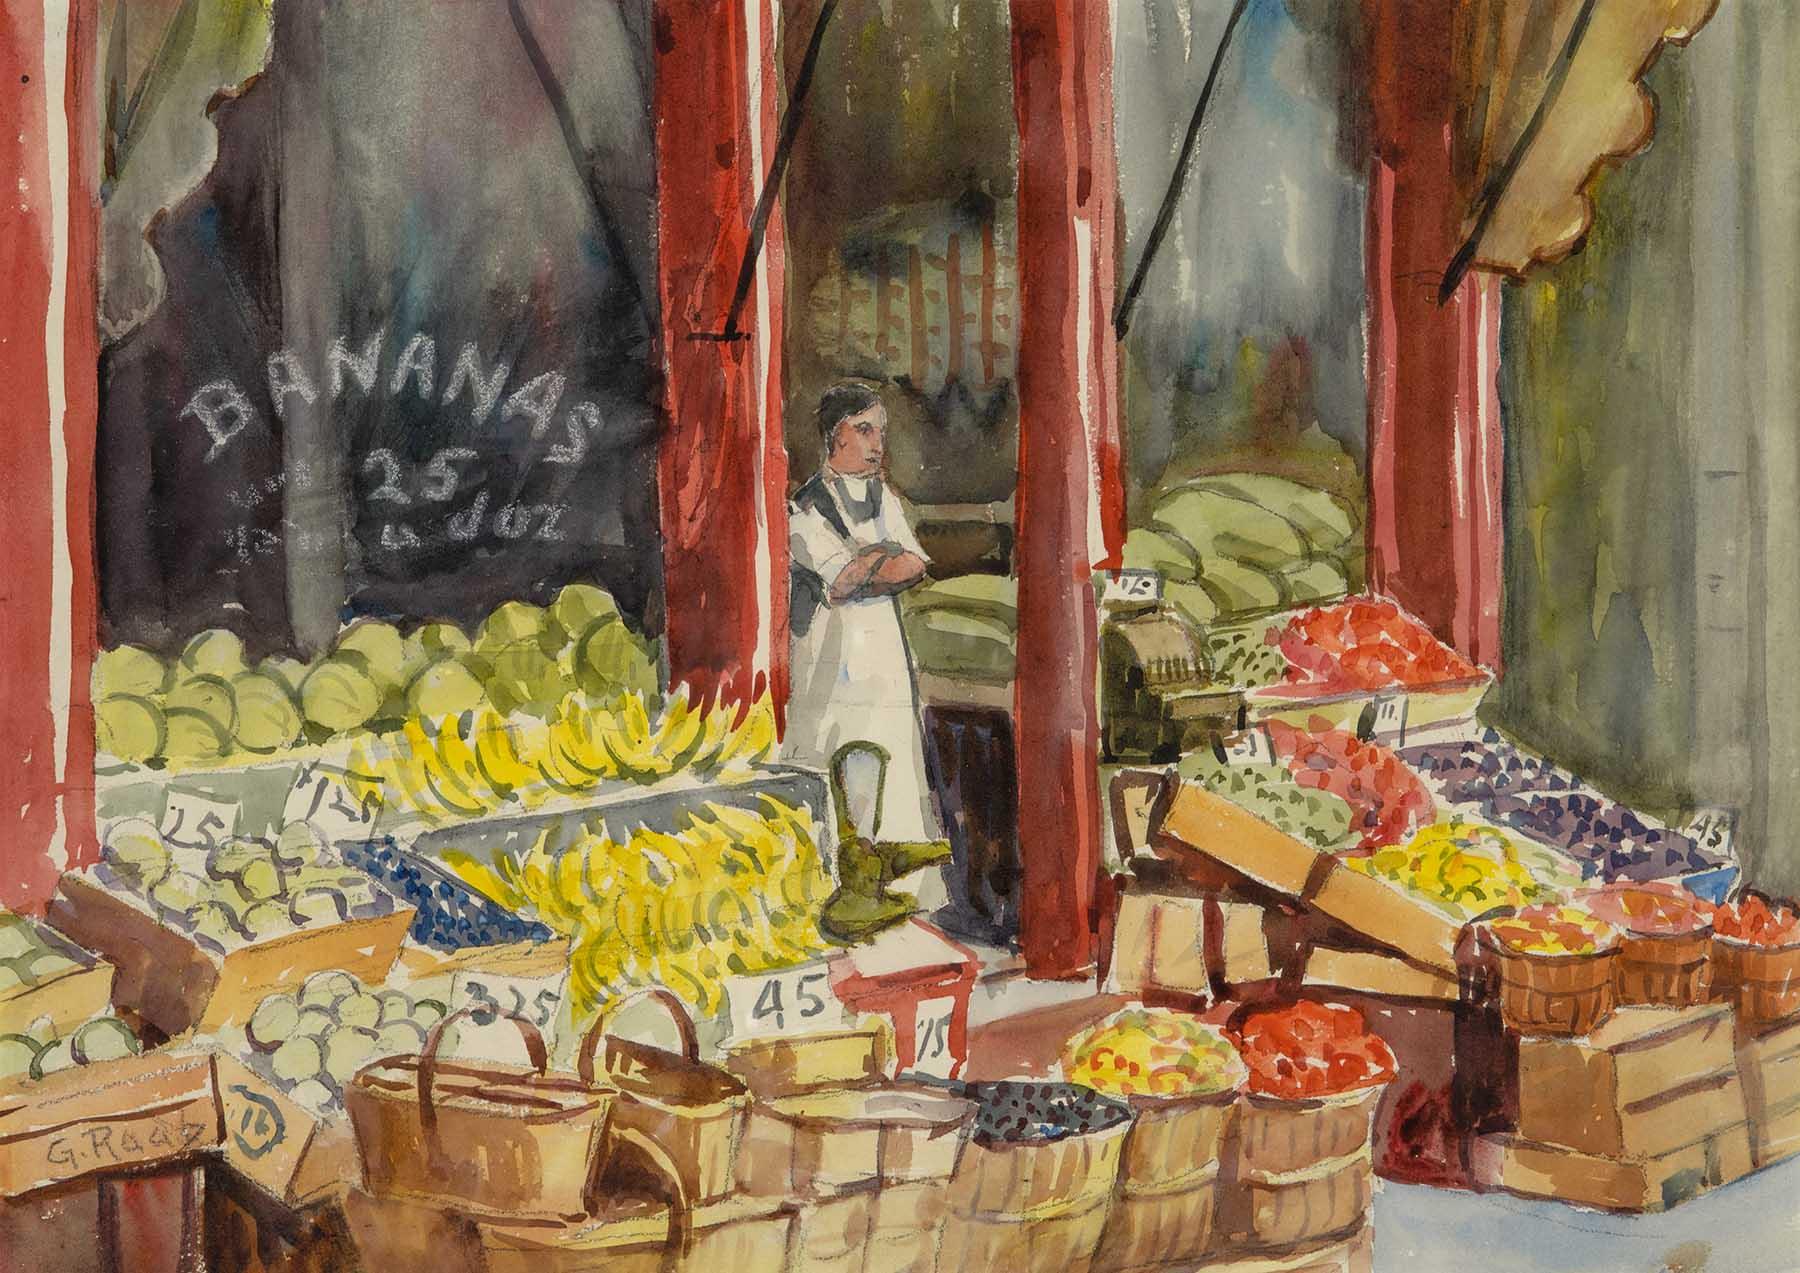 Third Ward Milw Produ... by Mr. George Raab - Masterpiece Online